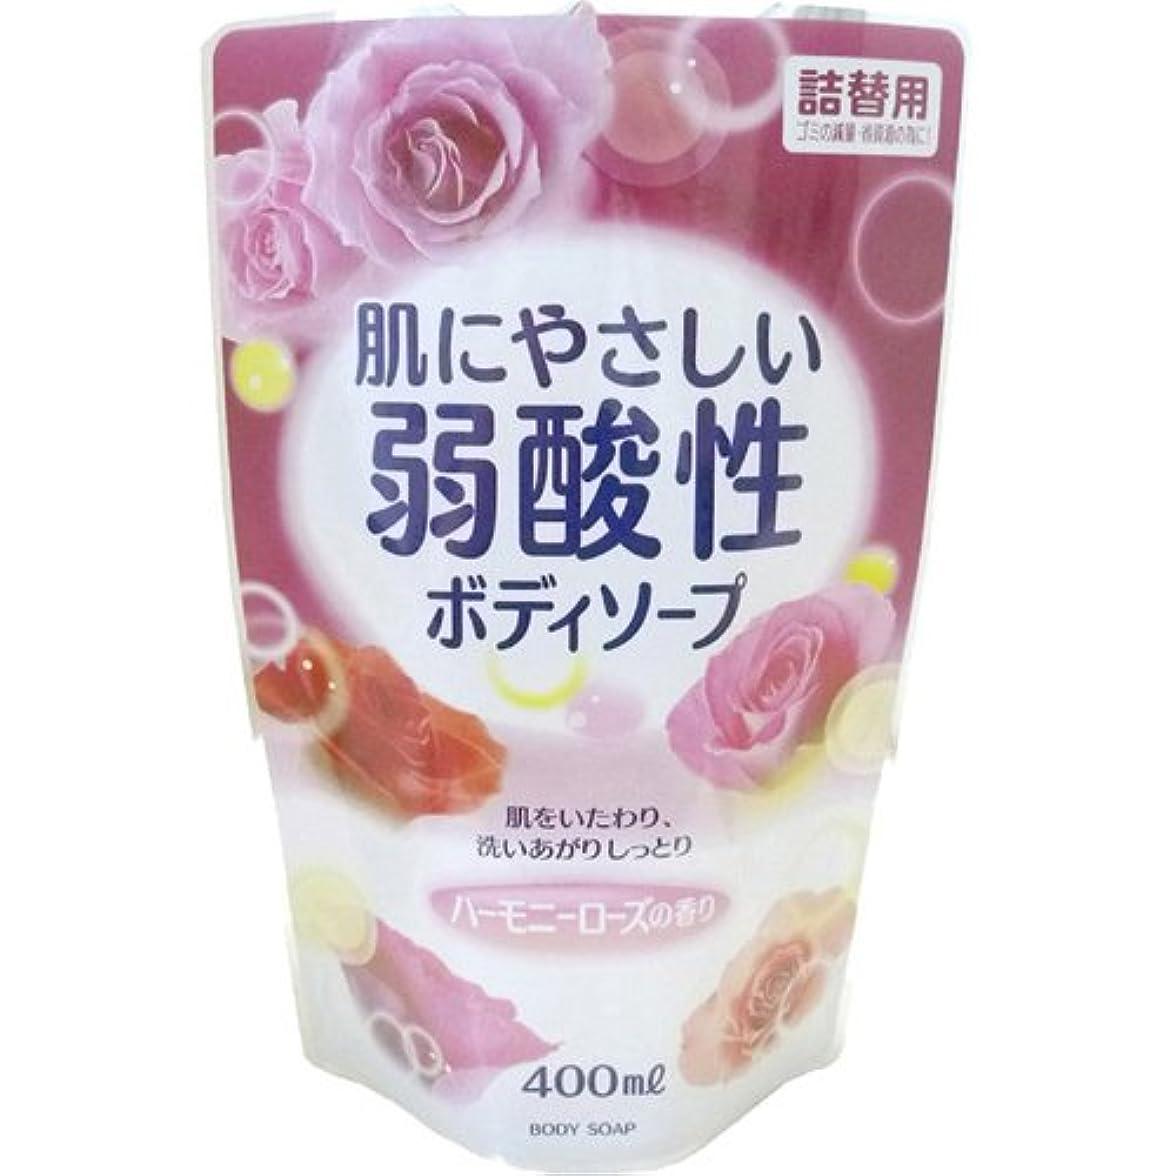 弱酸性ボディソープ ハーモニーローズの香り 詰替用 400ml